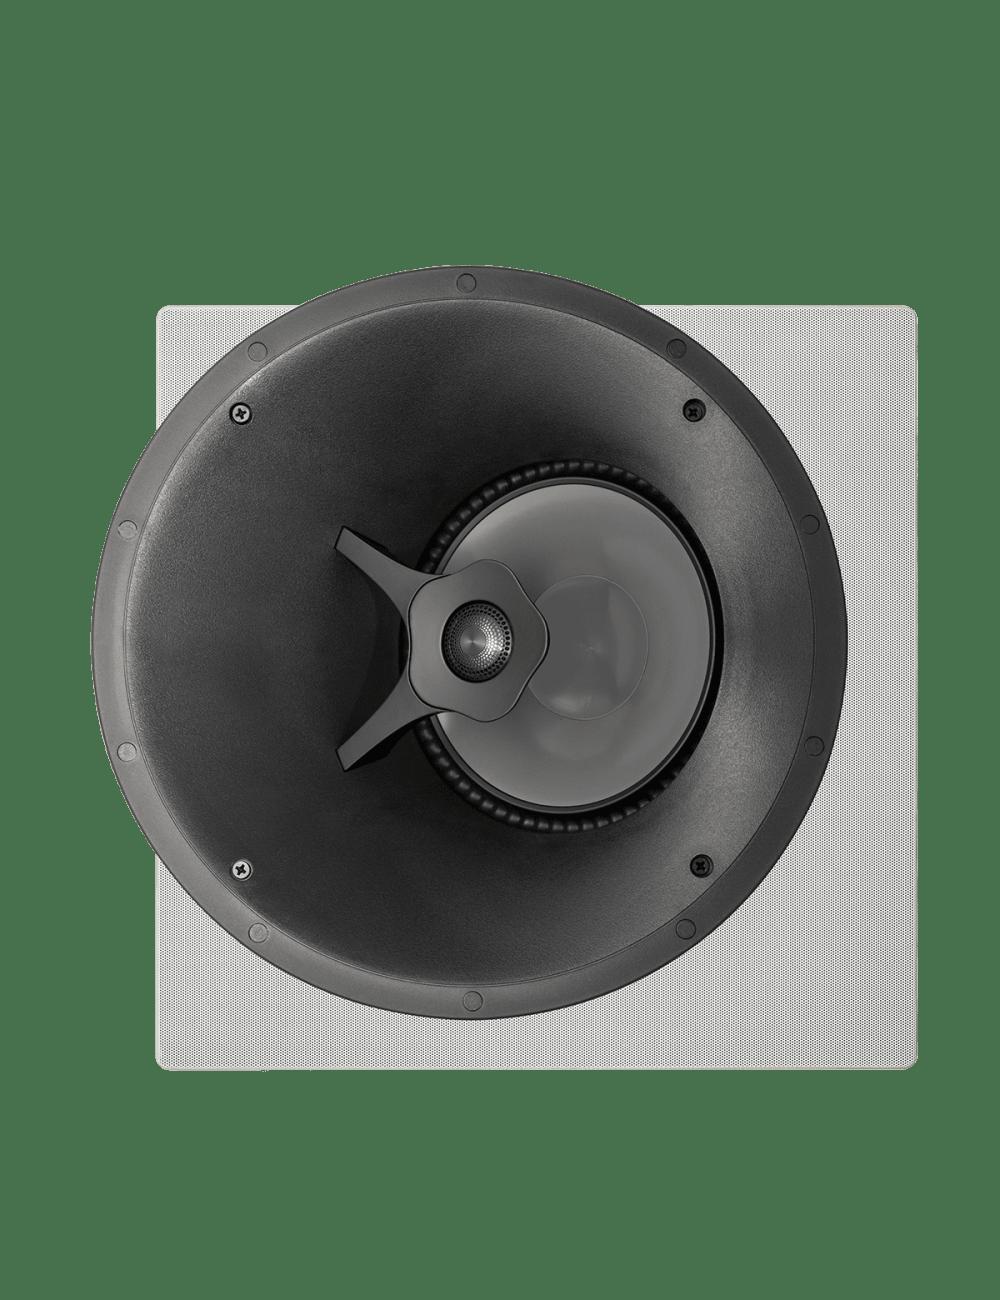 diffusore acustico da incasso a parete o a soffitto, Paradigm CI PRO P80-A, griglia quadrata opzionale